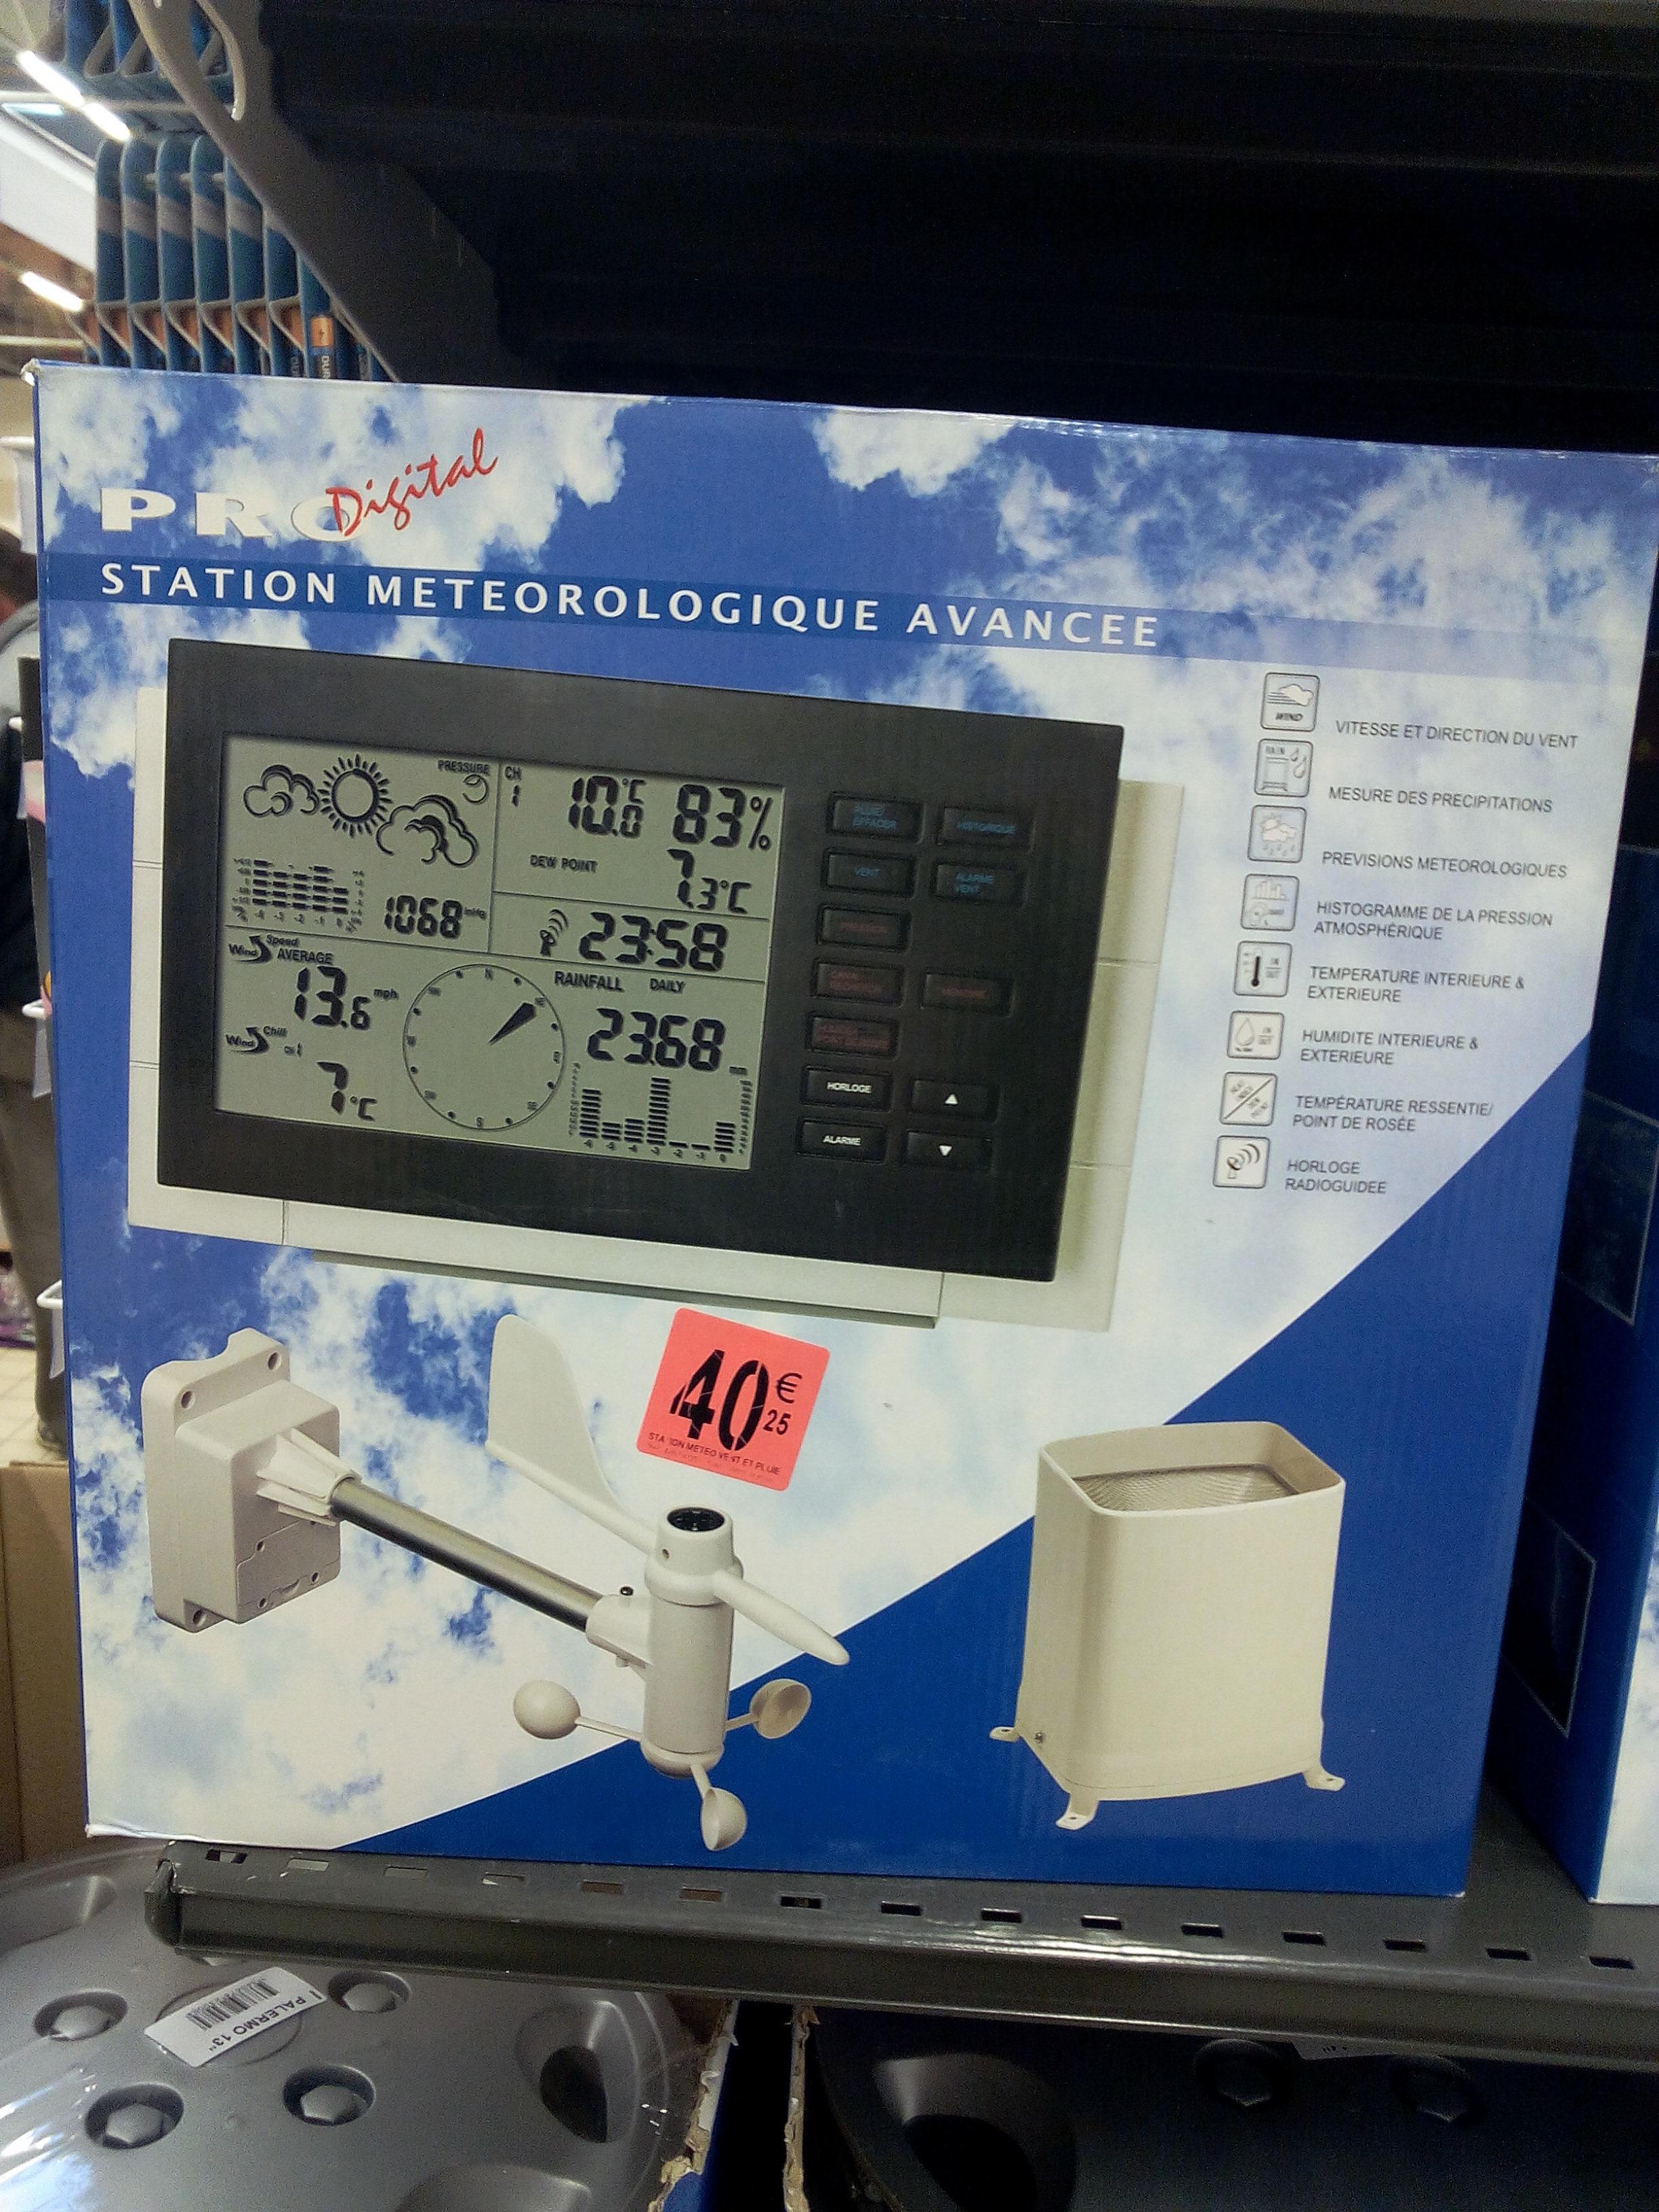 Station météo Pro Digital MF-053